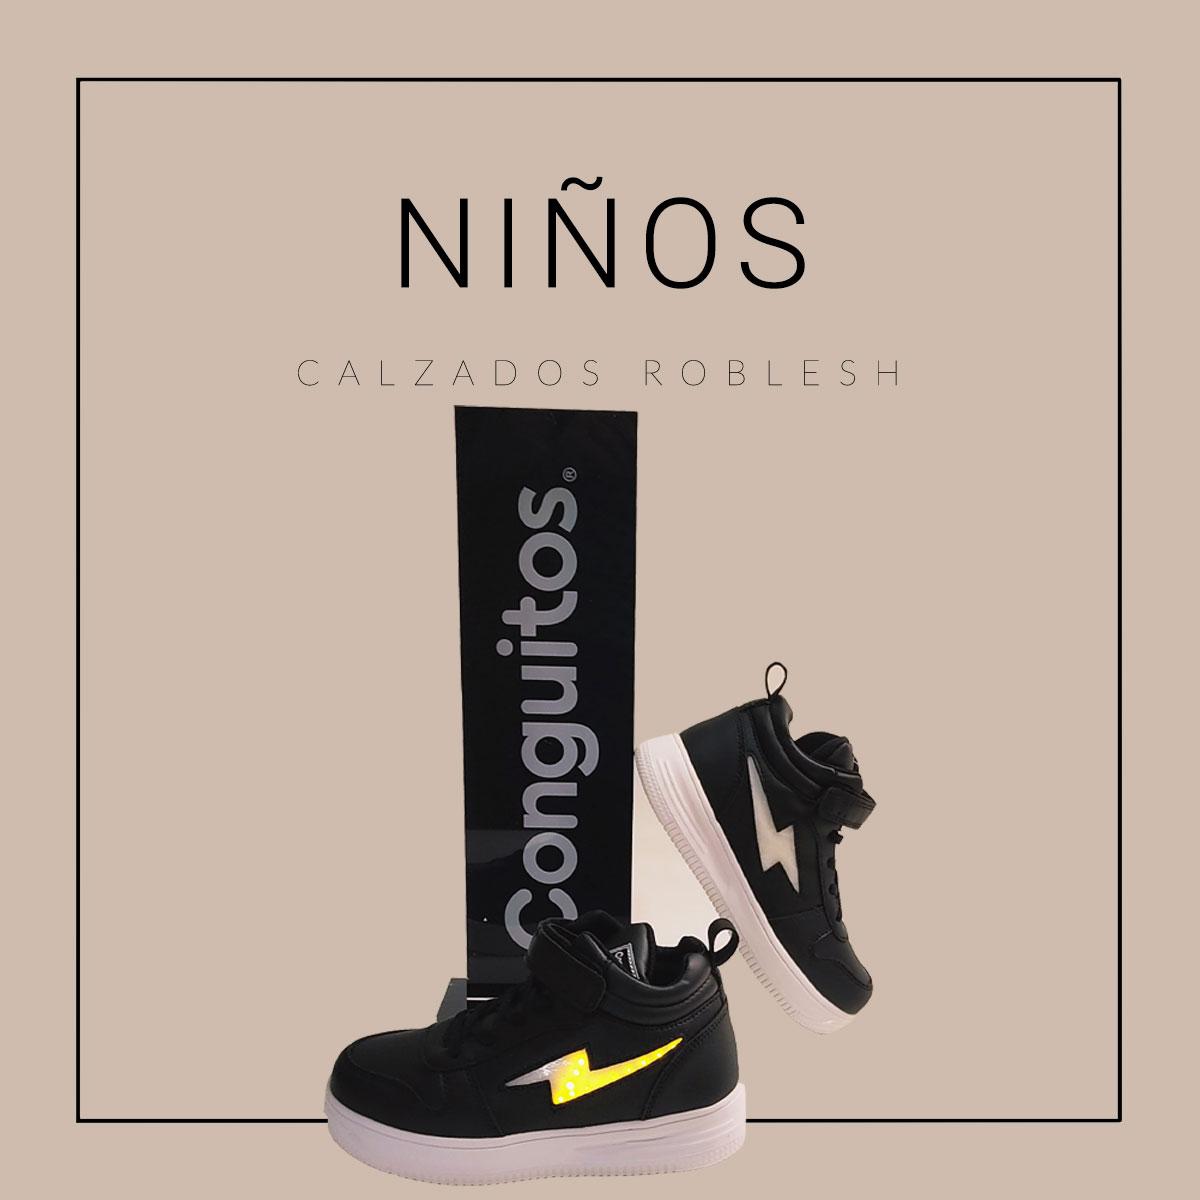 Zapatos para niños otoño/invierno de las mejores marcas online, máxima calidad en Calzados Roblesh